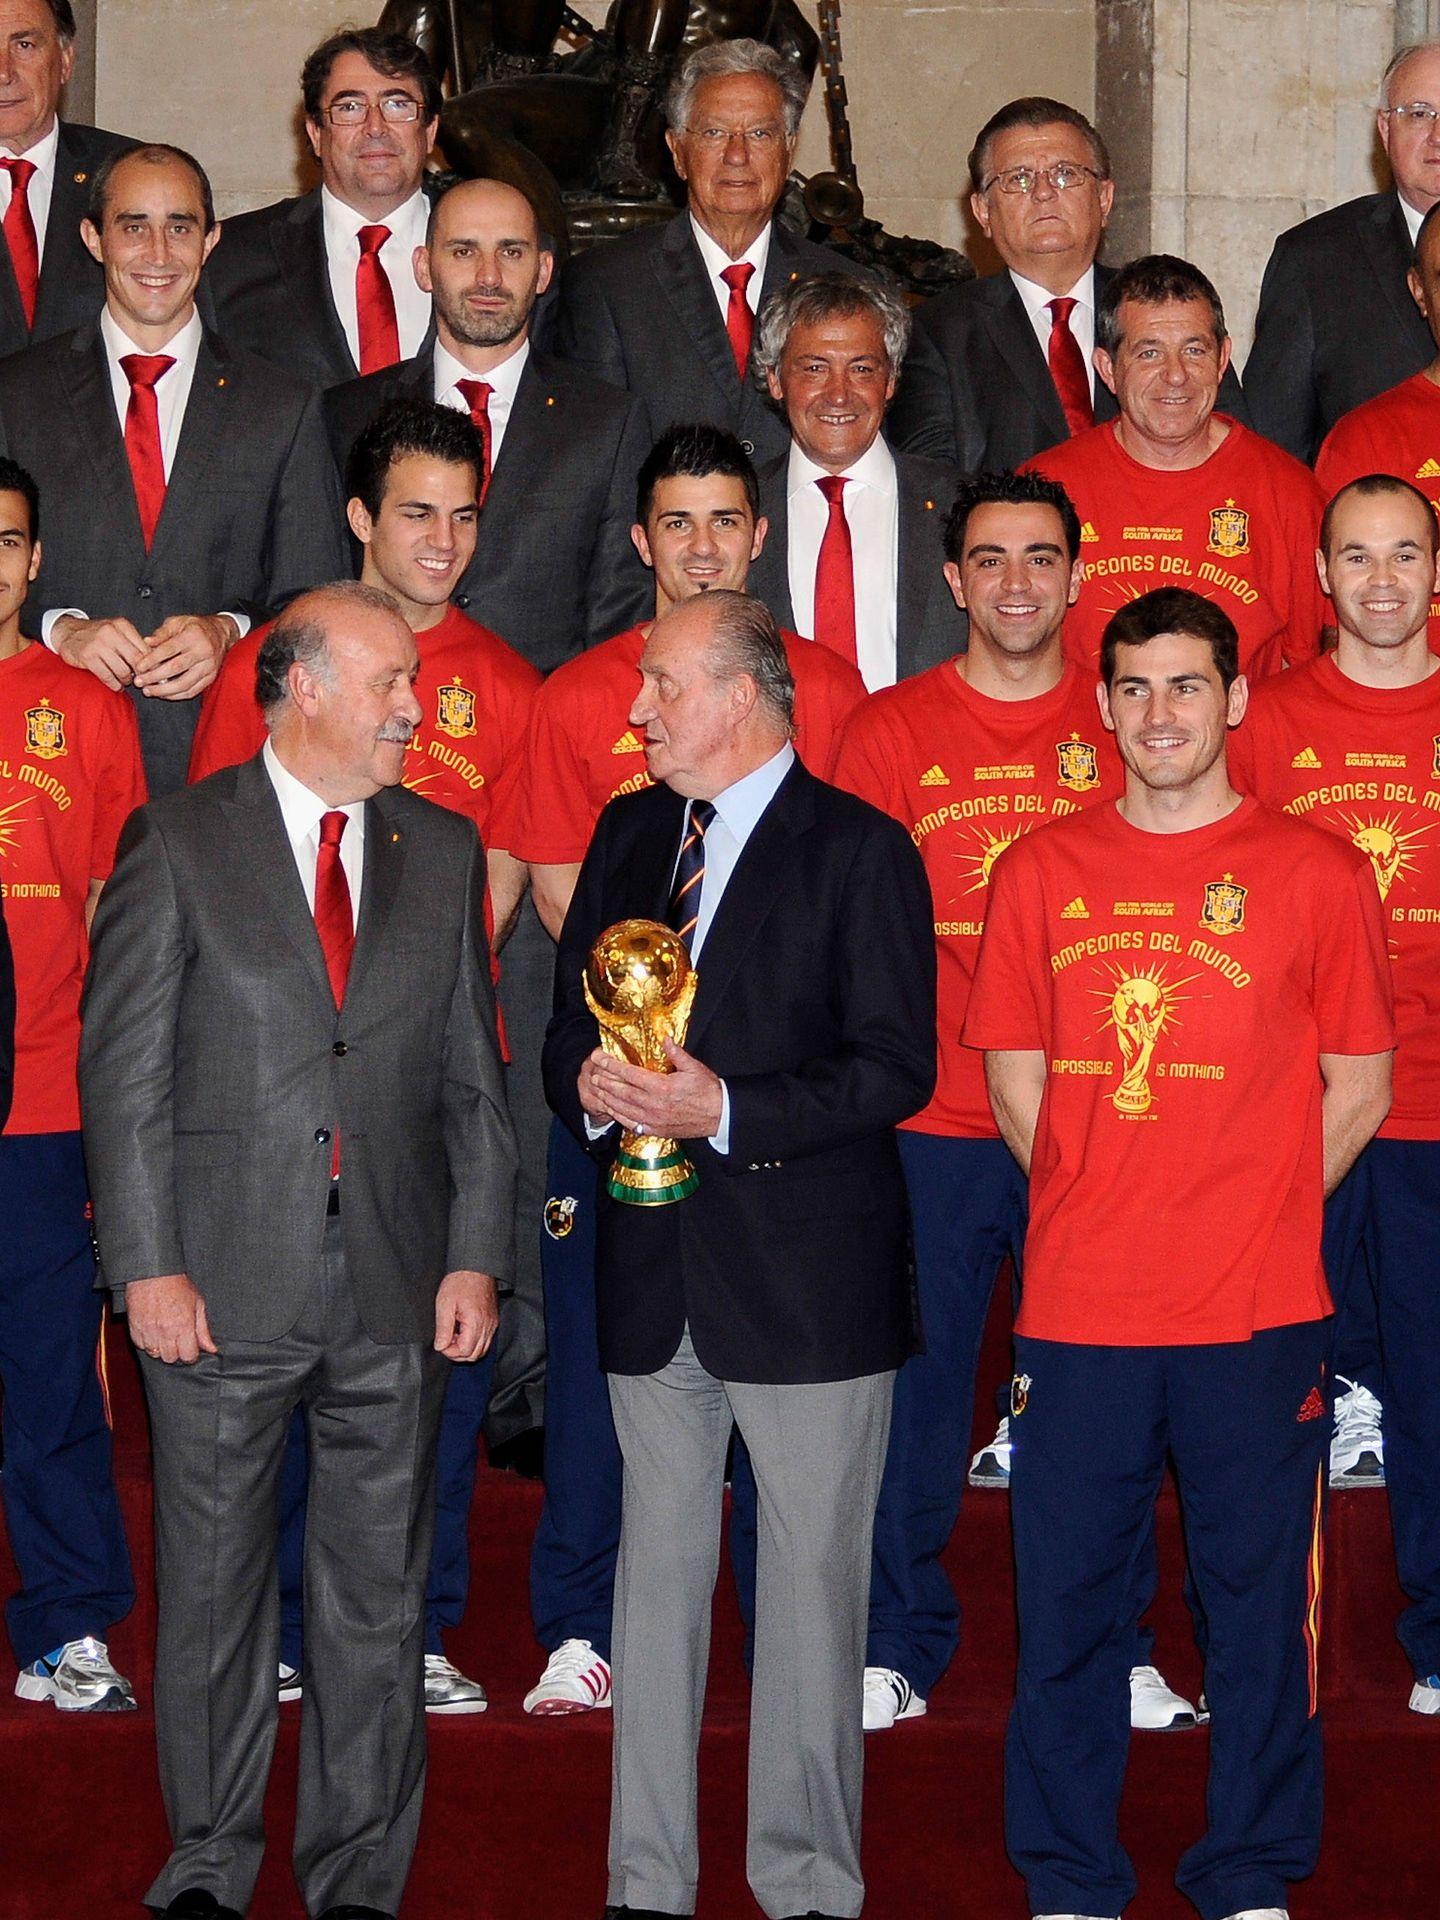 El rey Juan Carlos I, en 2010 con la selección española de fútbol. (Getty)